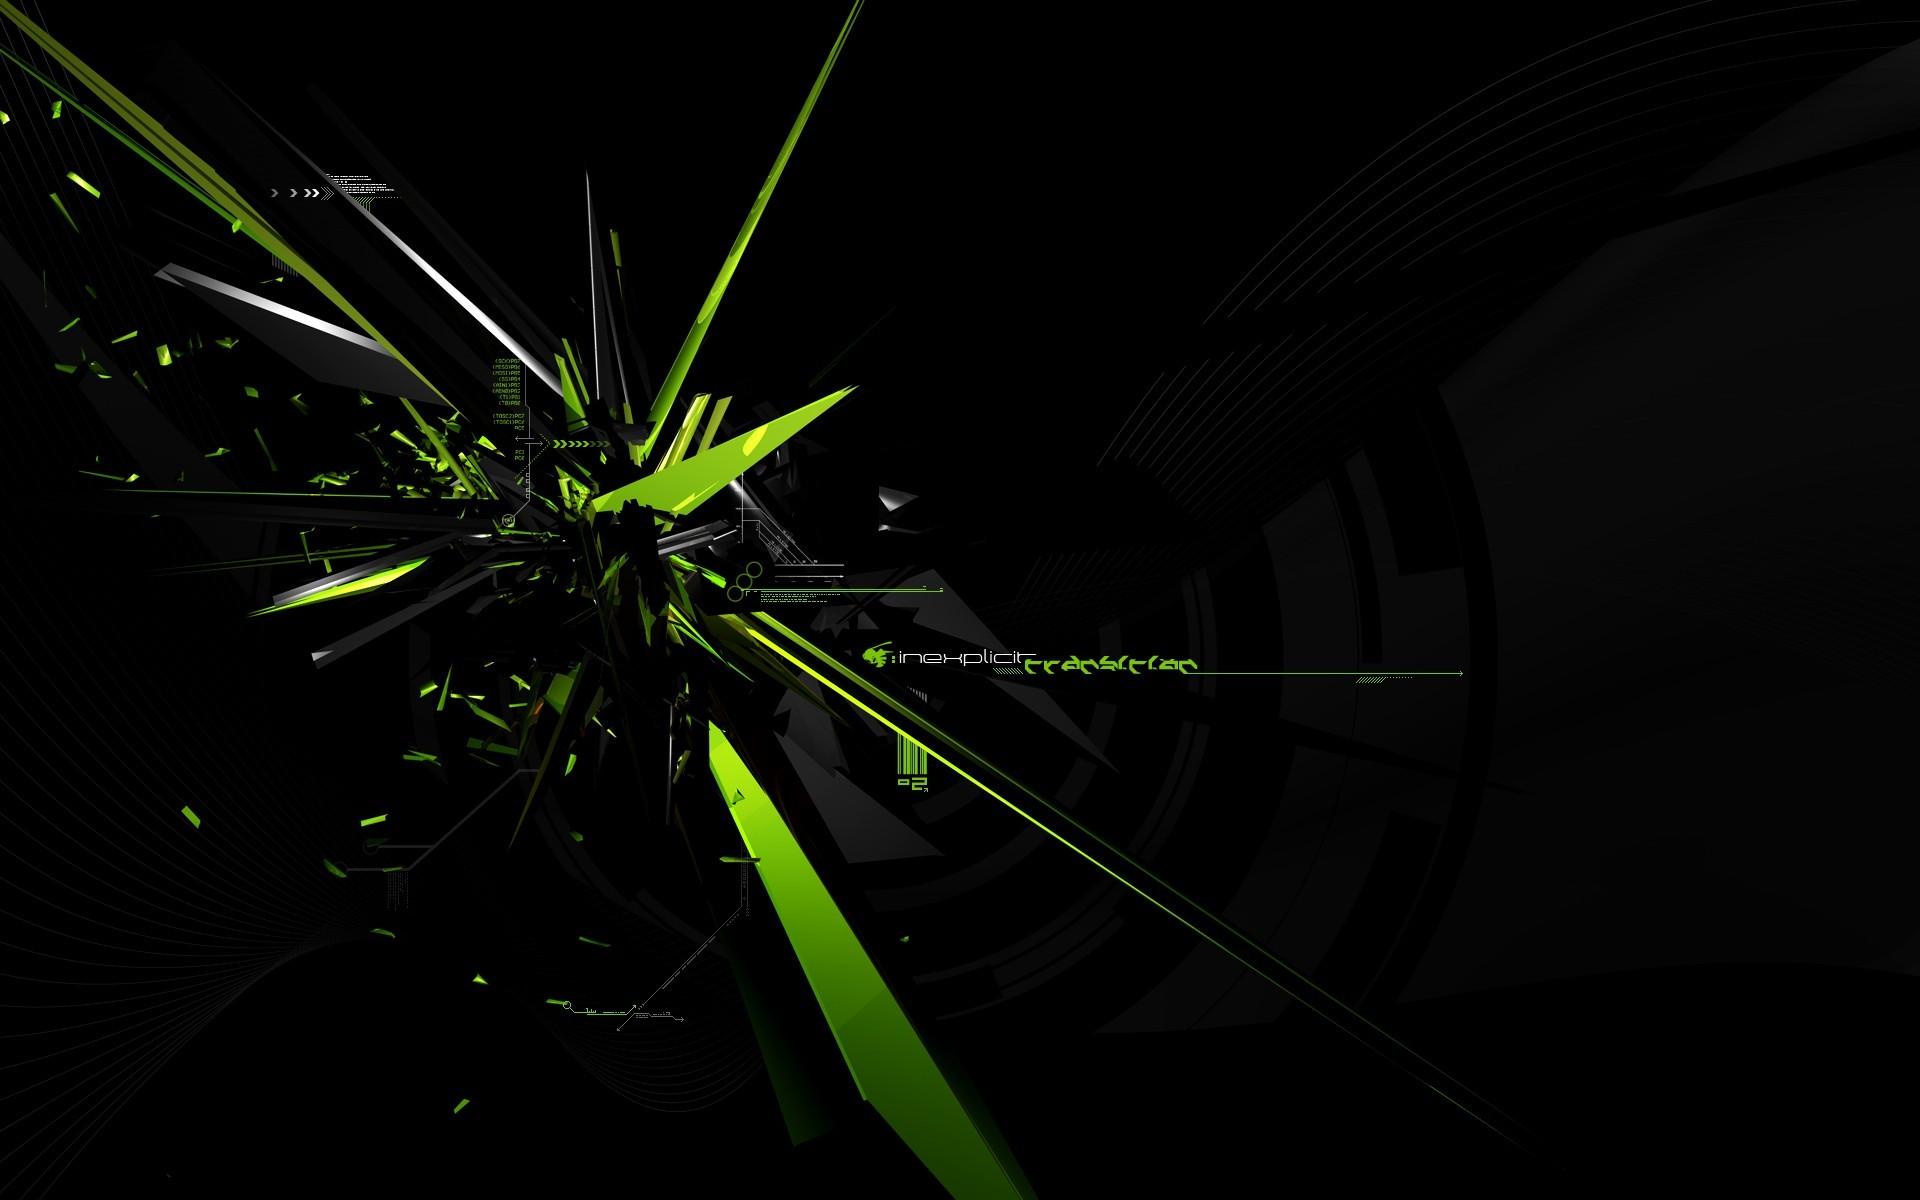 Sfondi Arte Digitale Monocromo Insetto Verde Cerchio Leggero